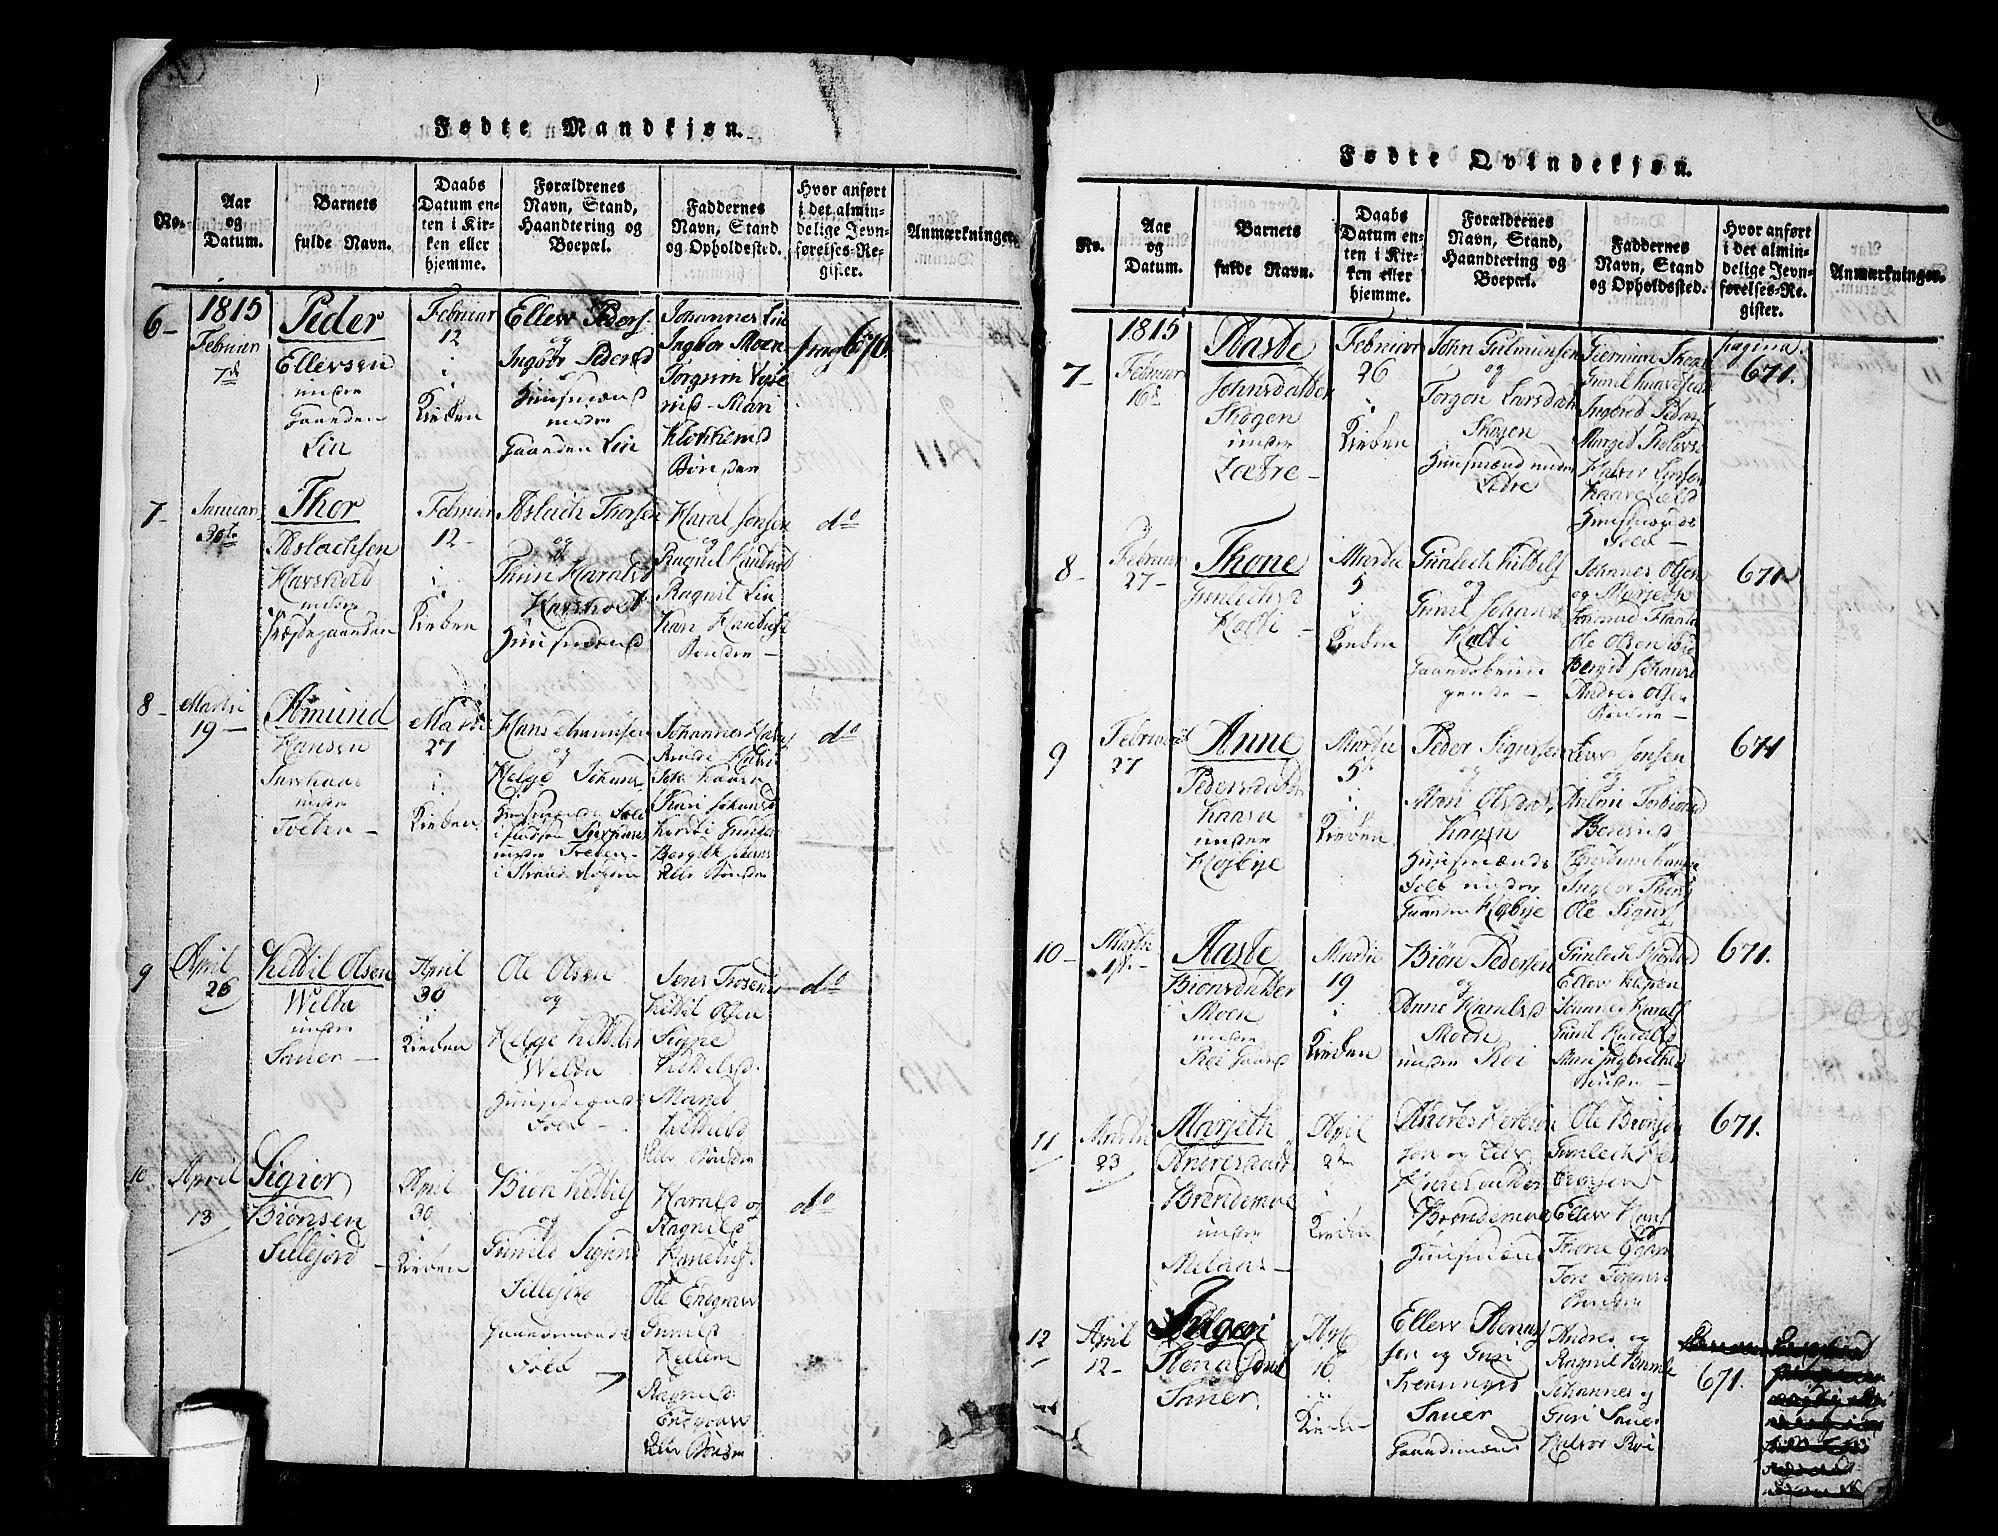 SAKO, Heddal kirkebøker, F/Fa/L0005: Ministerialbok nr. I 5, 1814-1837, s. 5-6